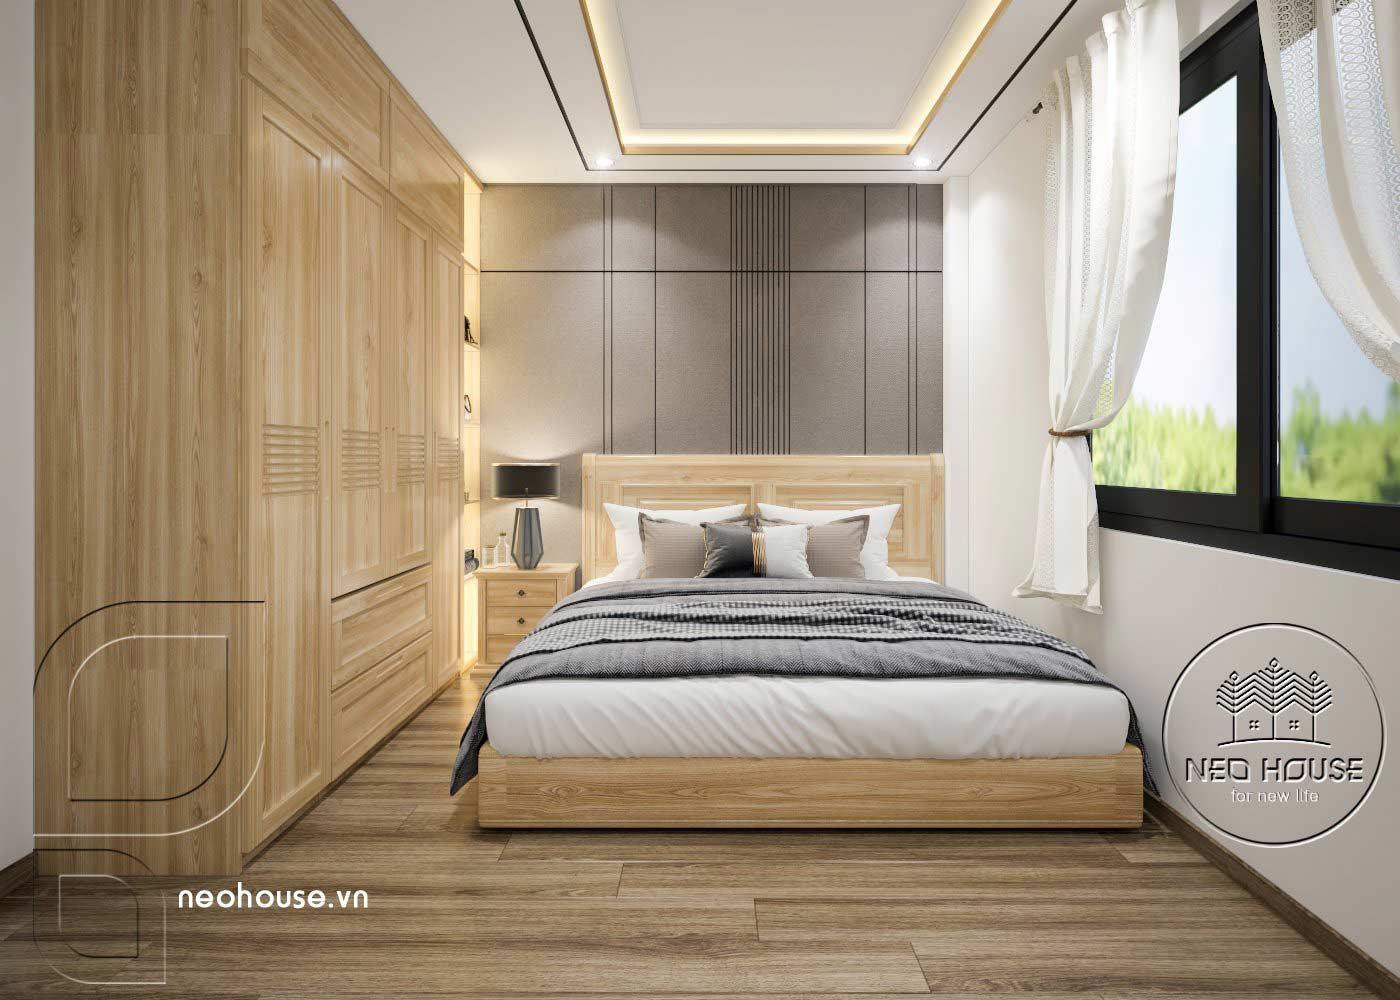 Thiết kế thi công cải tạo nhà phố 3 tầng với không gian nội thất phòng ngủ 04. Ảnh 1